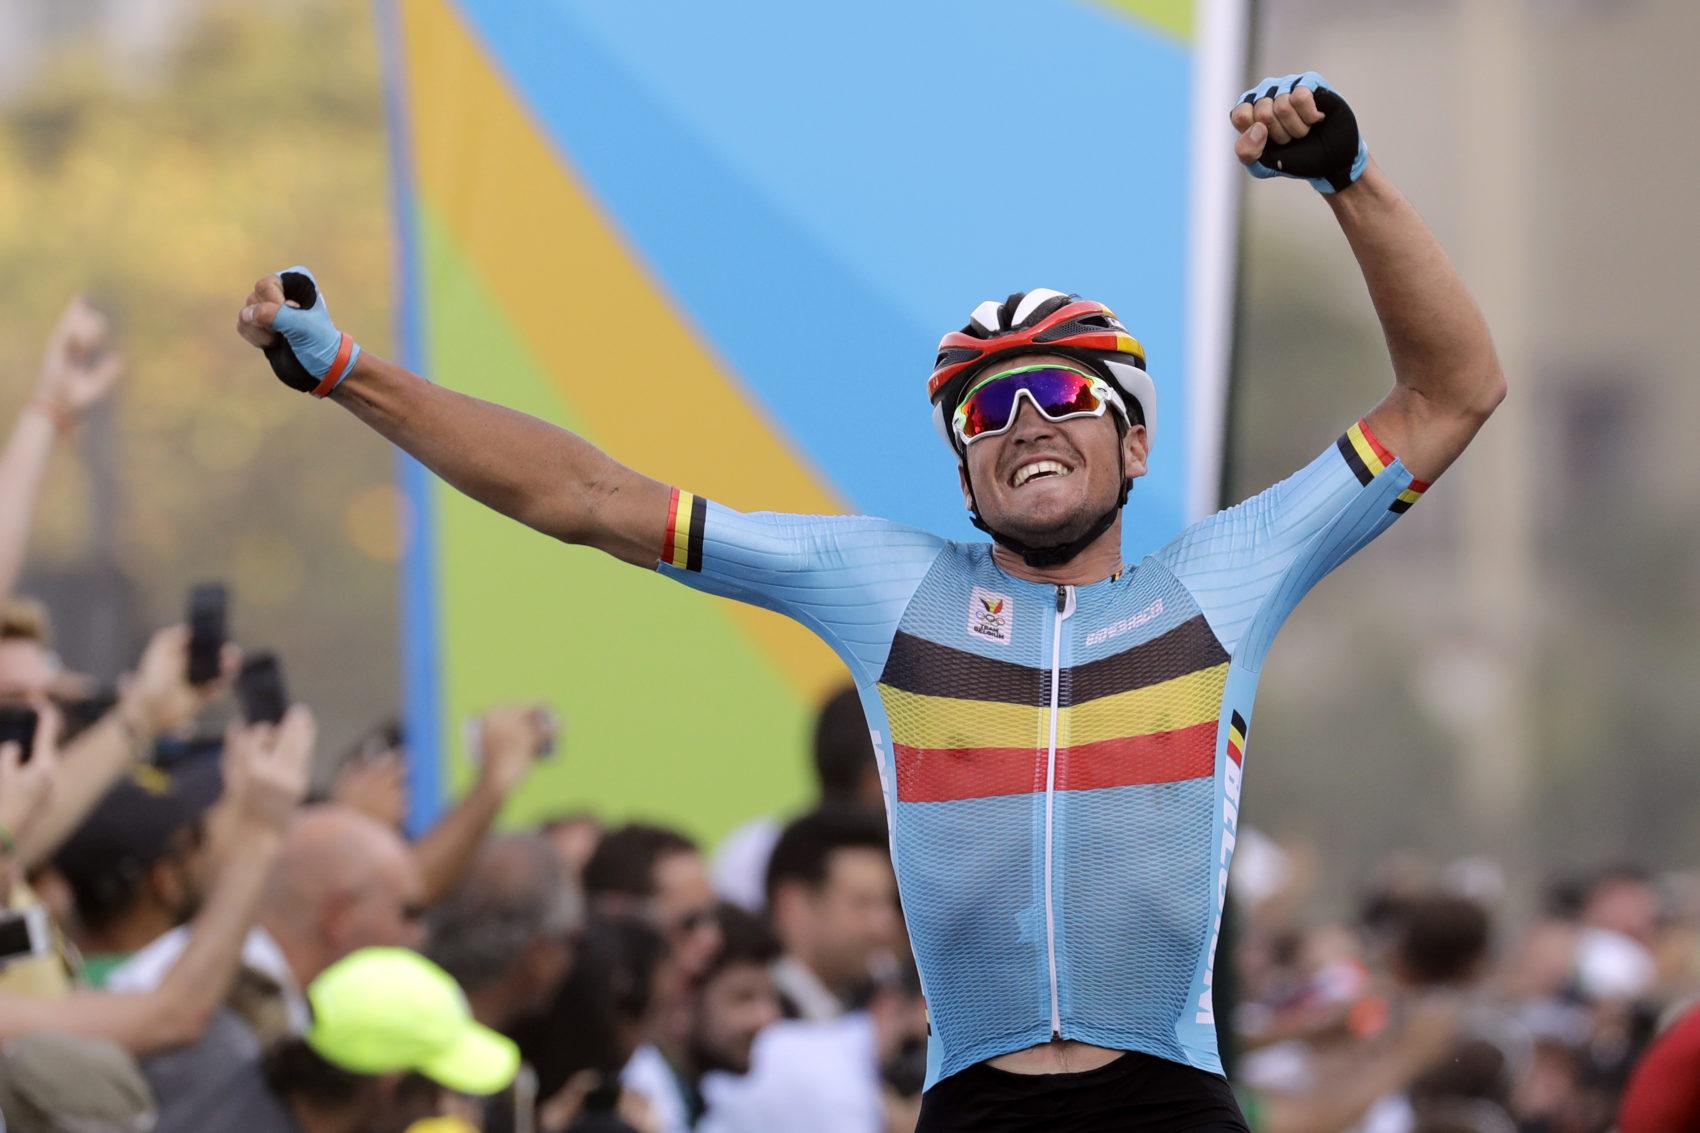 Rio na dvoch kolesách